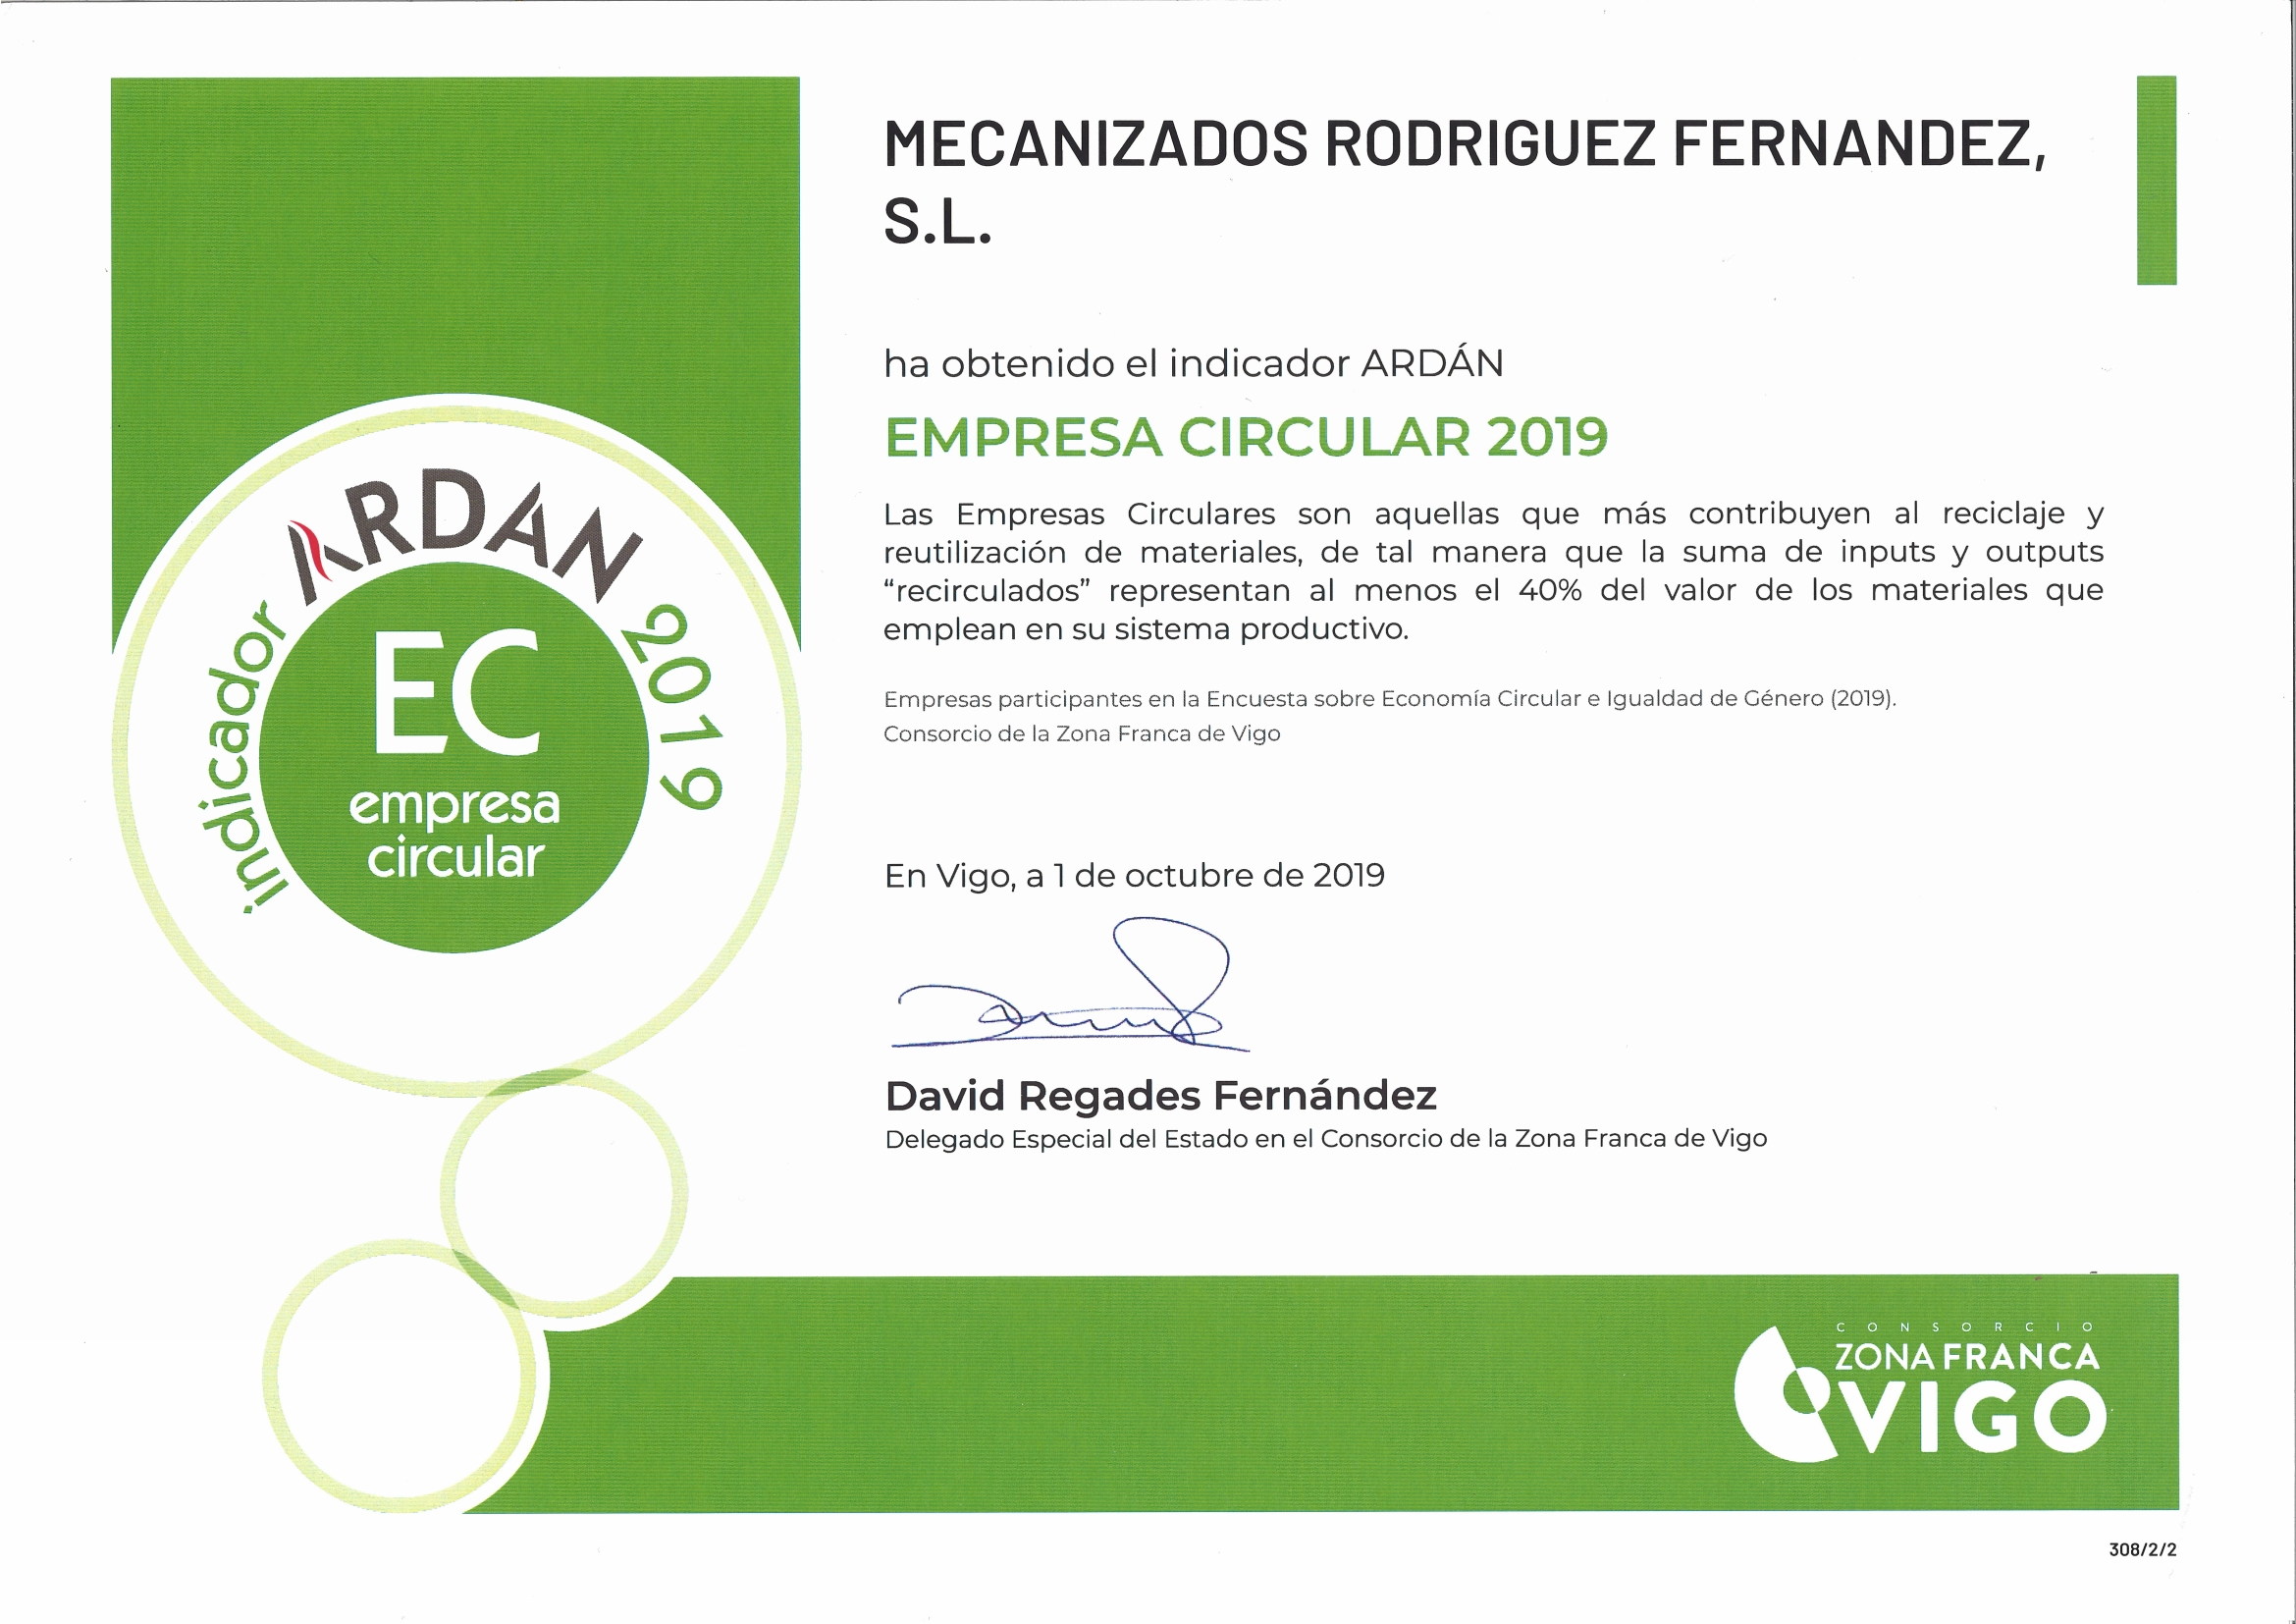 ARDAN_EMPRESA-CIRCULAR-2019.png